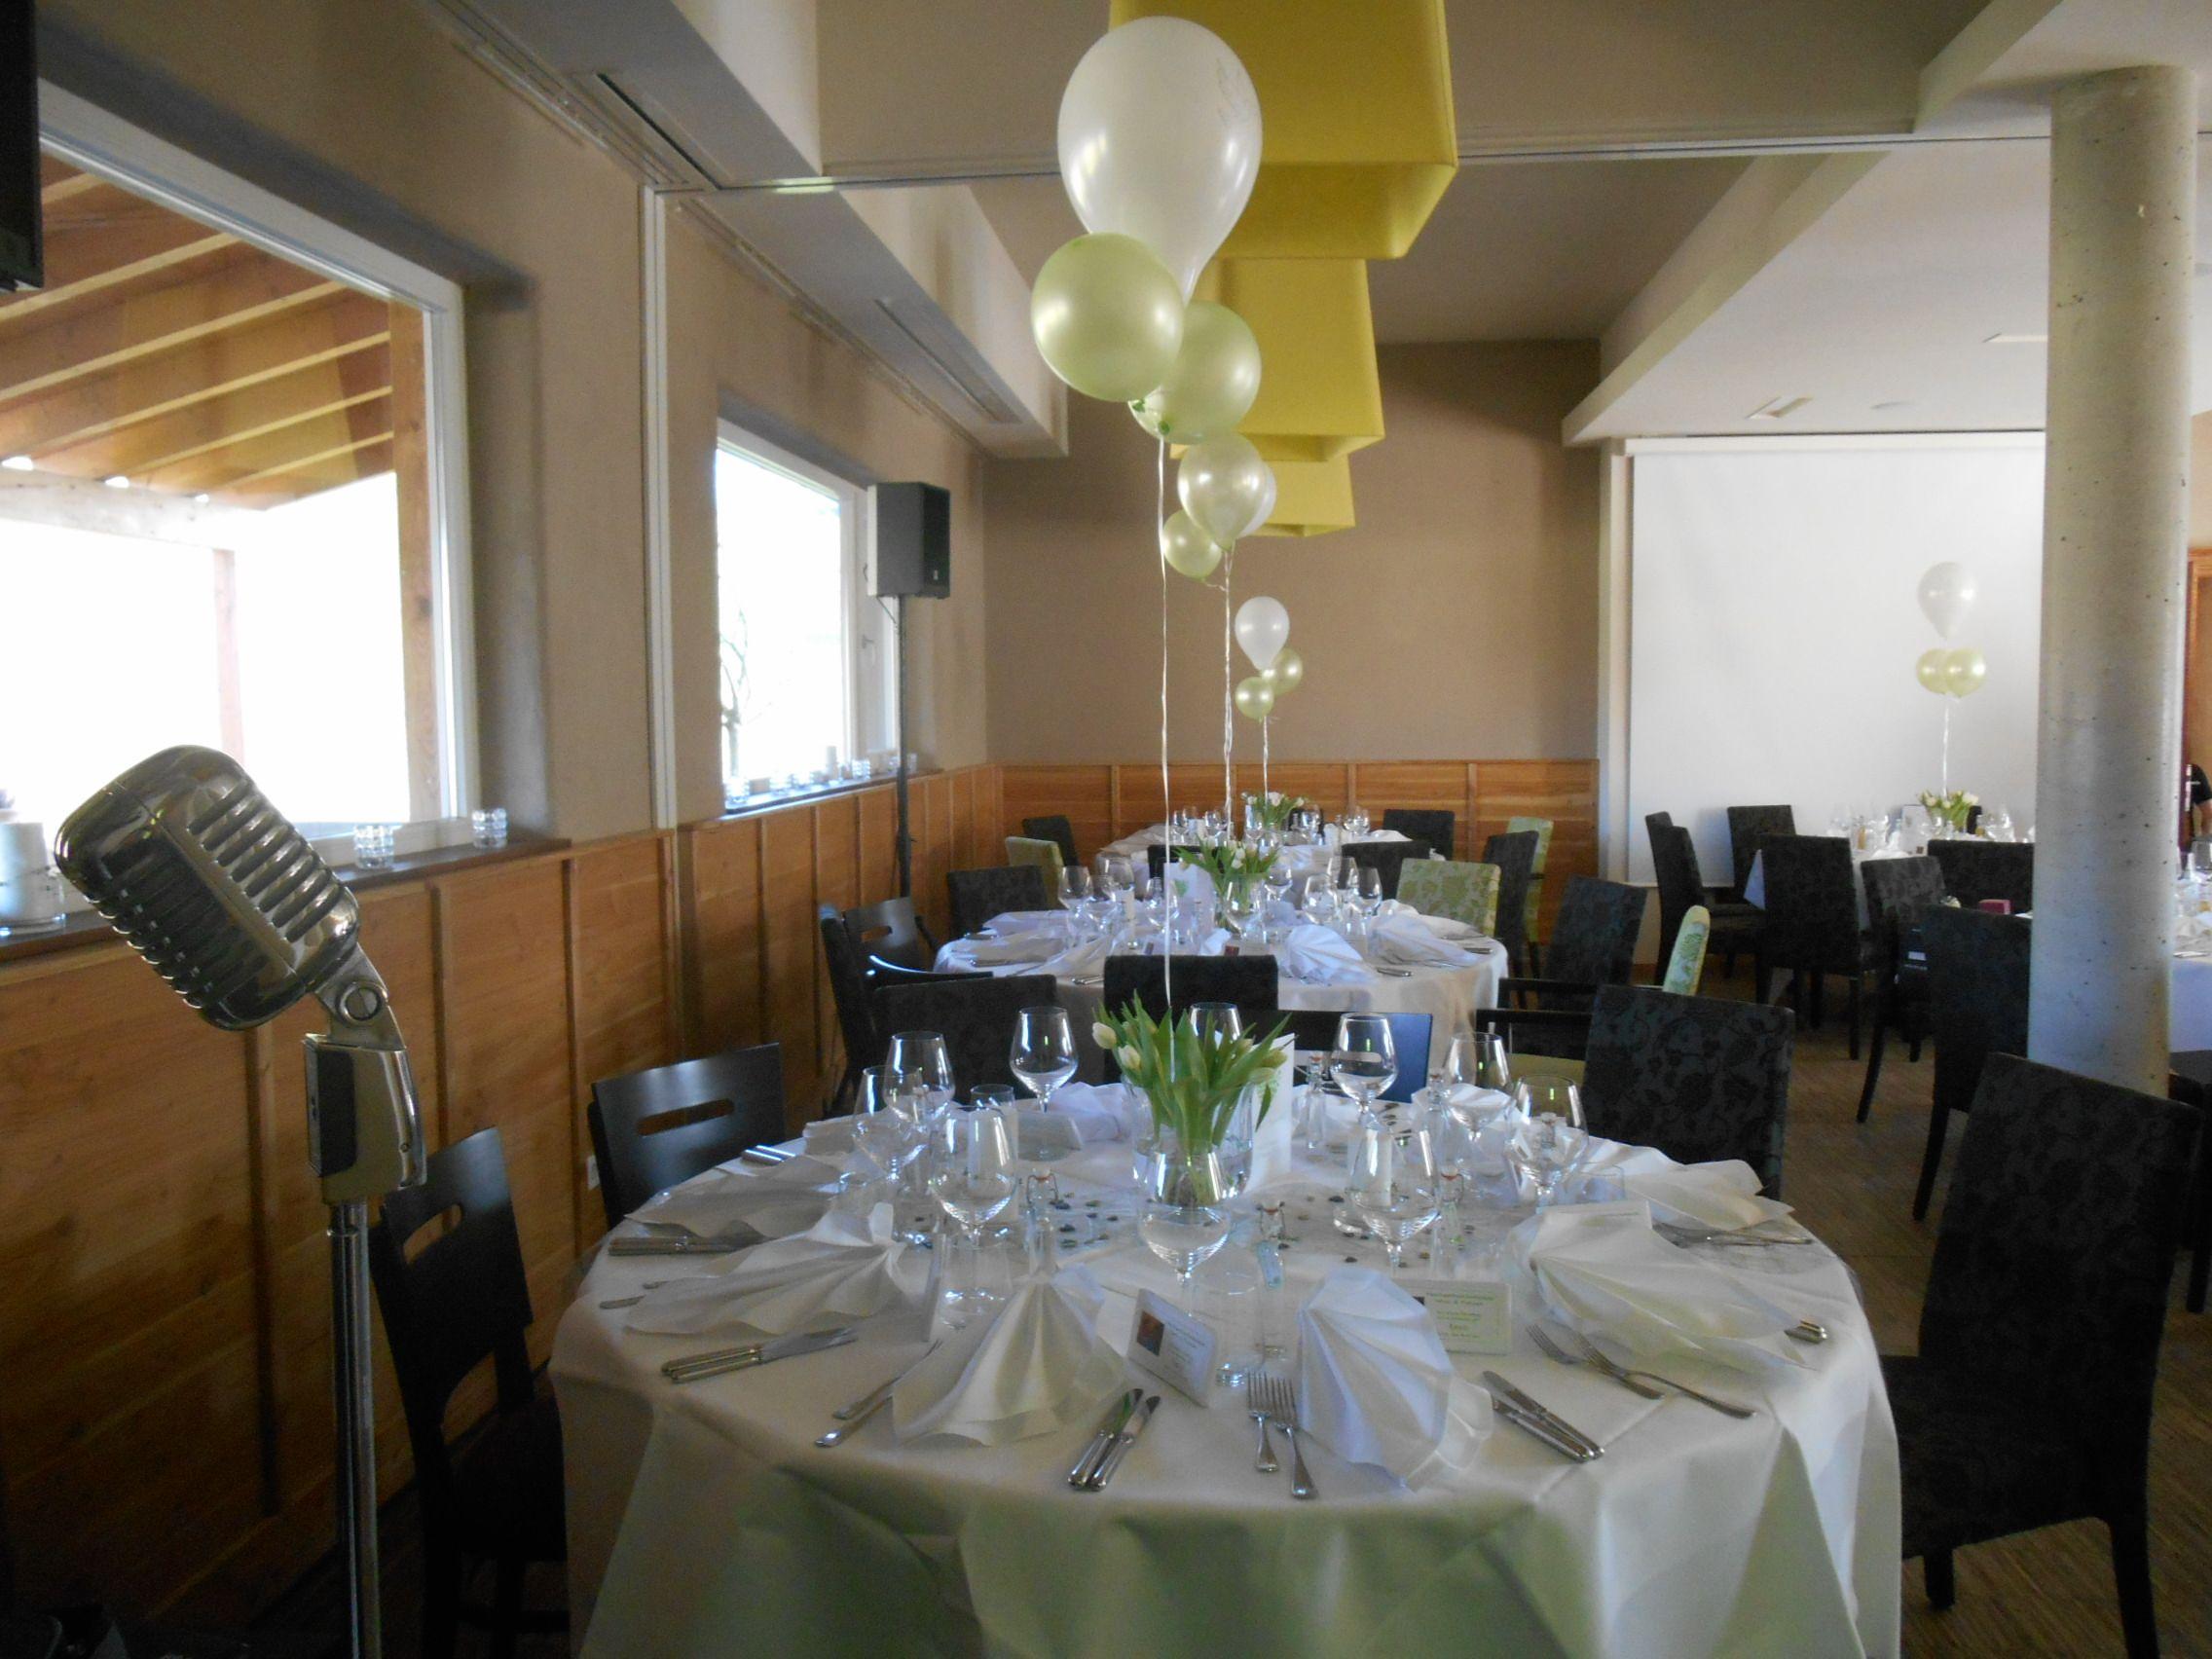 Auftakt Hochzeitssaison 2016 at Landgrafenmühle Wallhalben Nina und Fabian mit einem Tagesarrangement von der Trauung